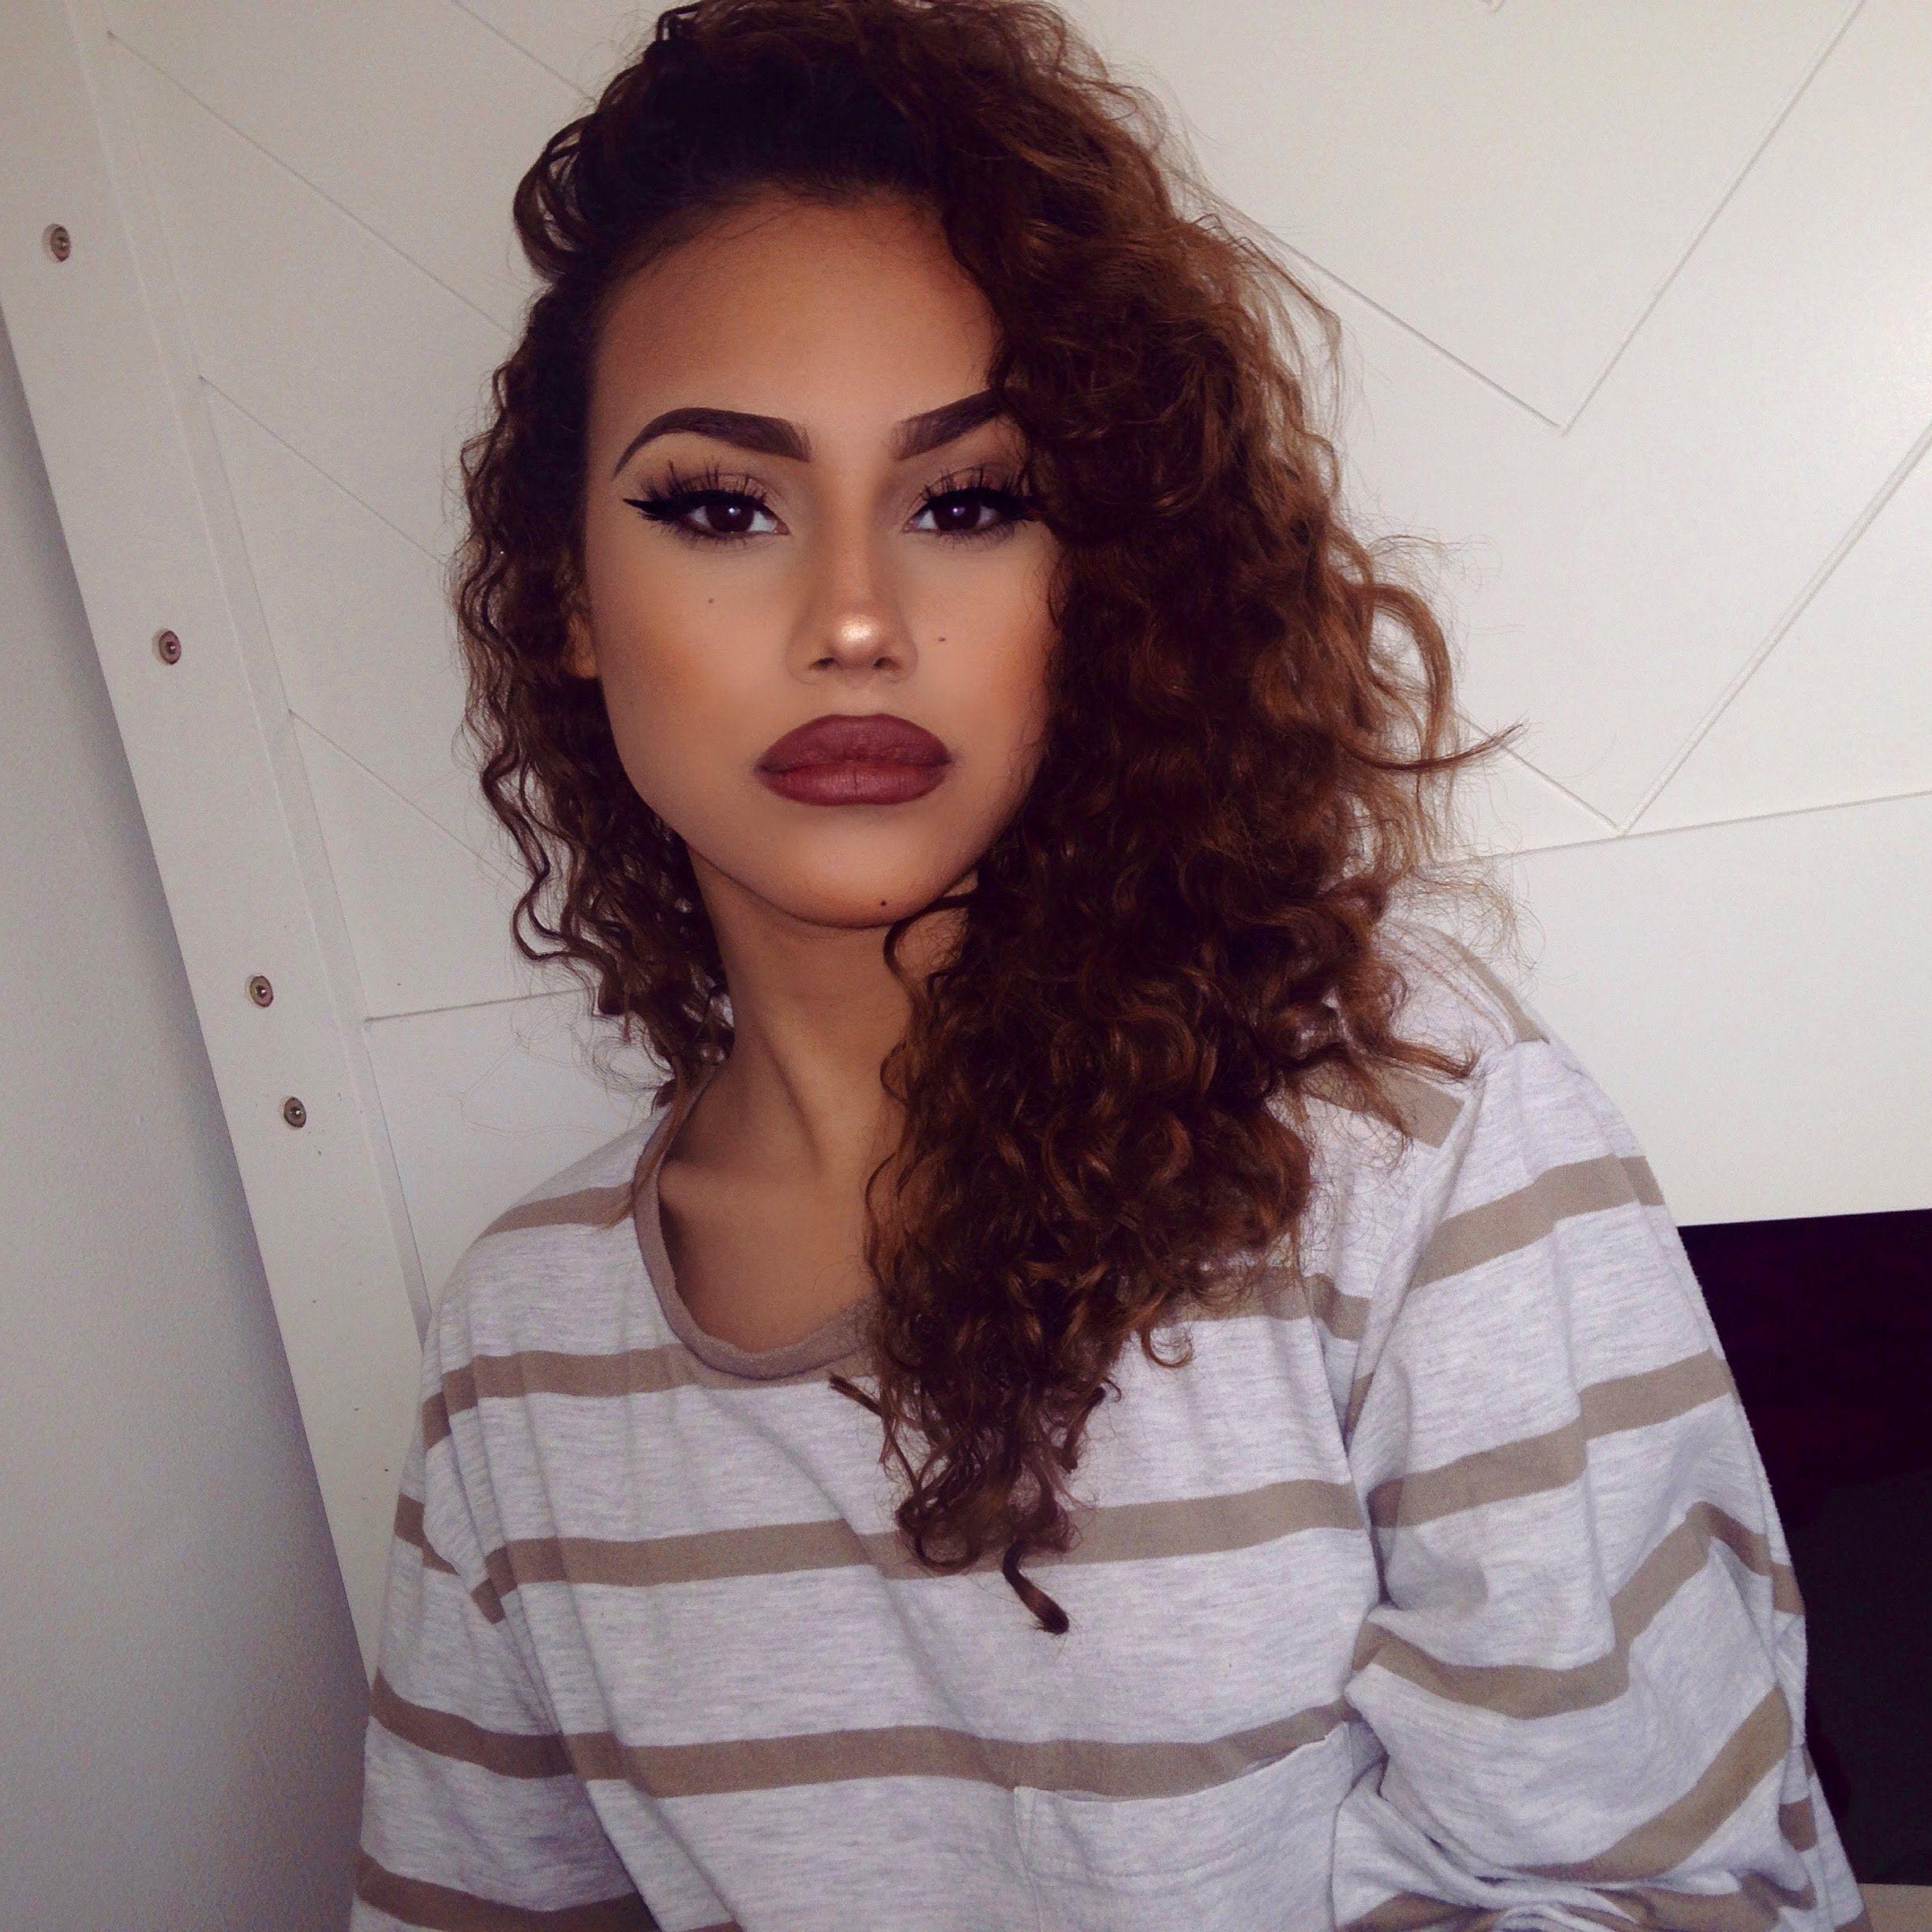 Instagram Baddie Makeup Tutorial! Baddie makeup